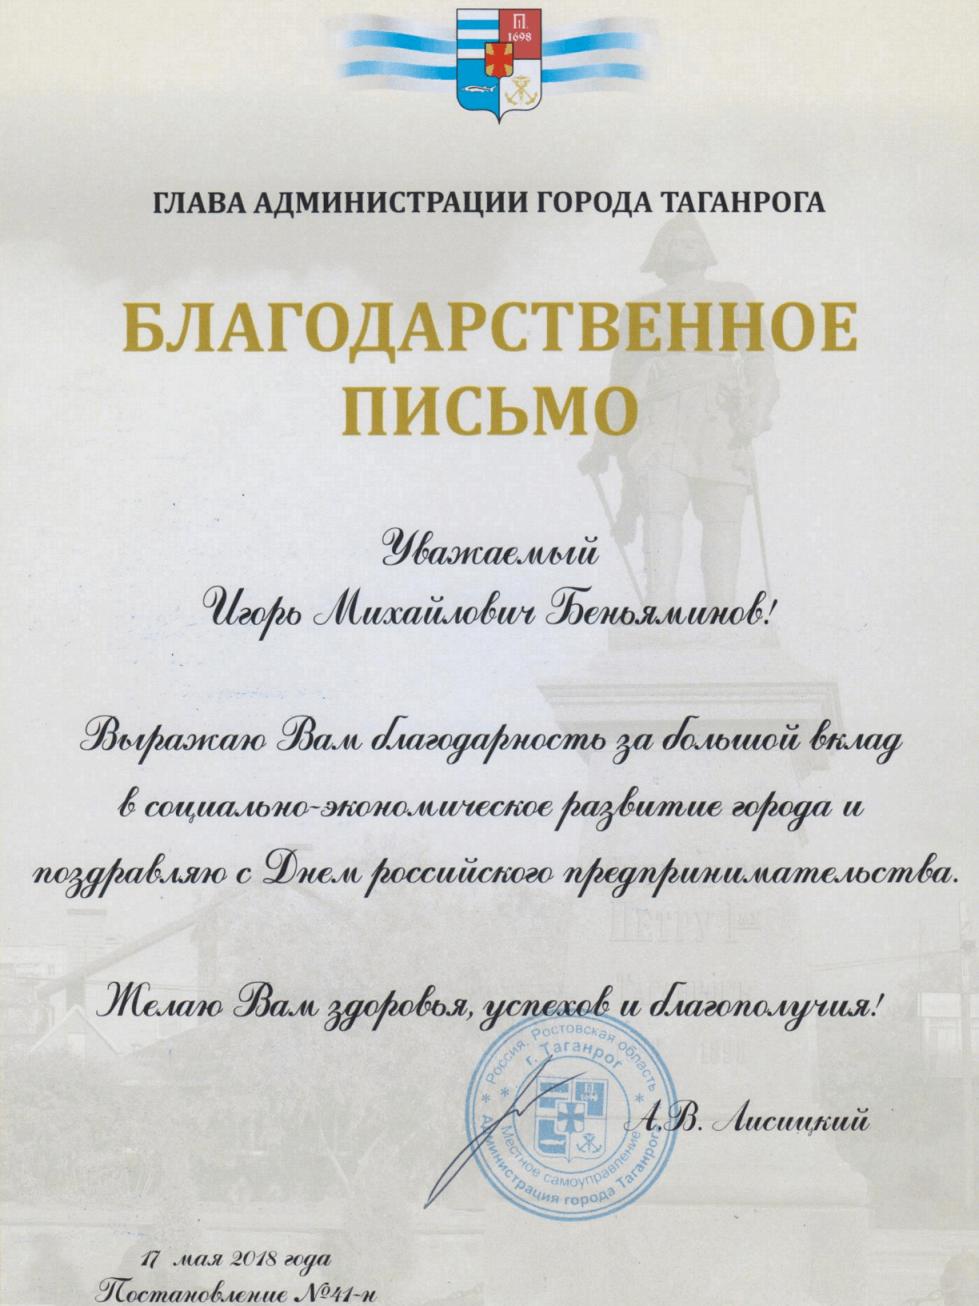 Благодарственное письмо от Главы Администрации Таганрога